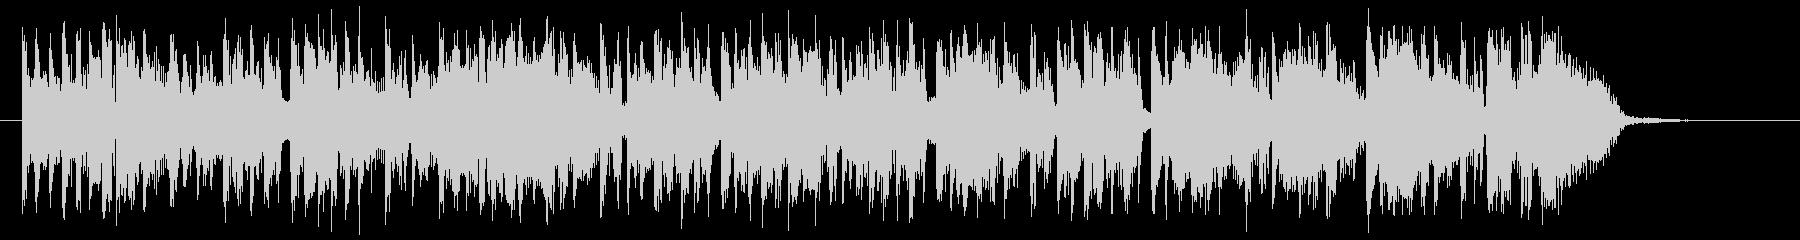 マイナーでクールなピアノジングルの未再生の波形